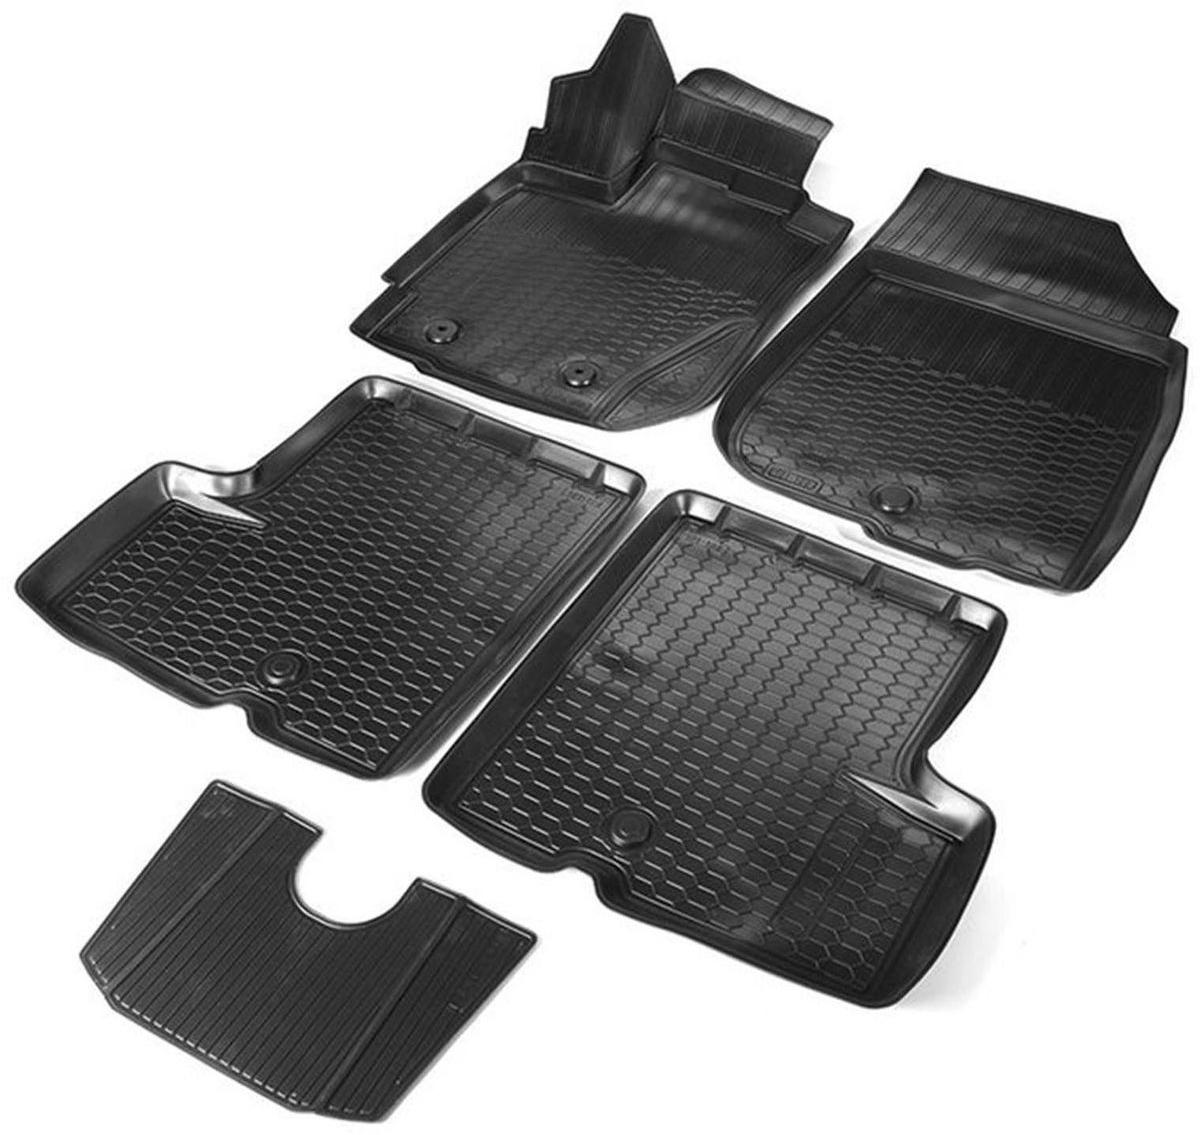 Коврики в салон Rival для Nissan Terrano 2WD/4WD 2017-н.в. / Renault Duster 2WD/4WD 2015-н.в., с крепежом, с перемычкой, полиуритан, 5 шт. 1470100714701007Прочные и долговечные коврики Rival в салон автомобиля, изготовлены из высококачественного и экологичного сырья, полностью повторяют геометрию салона вашего автомобиля.- Надежная система крепления, позволяющая закрепить коврик на штатные элементы фиксации, в результате чего отсутствует эффект скольжения по салону автомобиля.- Высокая стойкость поверхности к стиранию.- Специализированный рисунок и высокий борт, препятствующие распространению грязи и жидкости по поверхности коврика.- Перемычка задних ковриков в комплекте предотвращает загрязнение тоннеля карданного вала.- Произведены из первичных материалов, в результате чего отсутствует неприятный запах в салоне автомобиля.- Высокая эластичность, можно беспрепятственно эксплуатировать при температуре от -45 ?C до +45 ?C.Уважаемые клиенты!Обращаем ваше внимание,что коврики имеет формусоответствующую модели данного автомобиля. Фото служит для визуального восприятия товара.